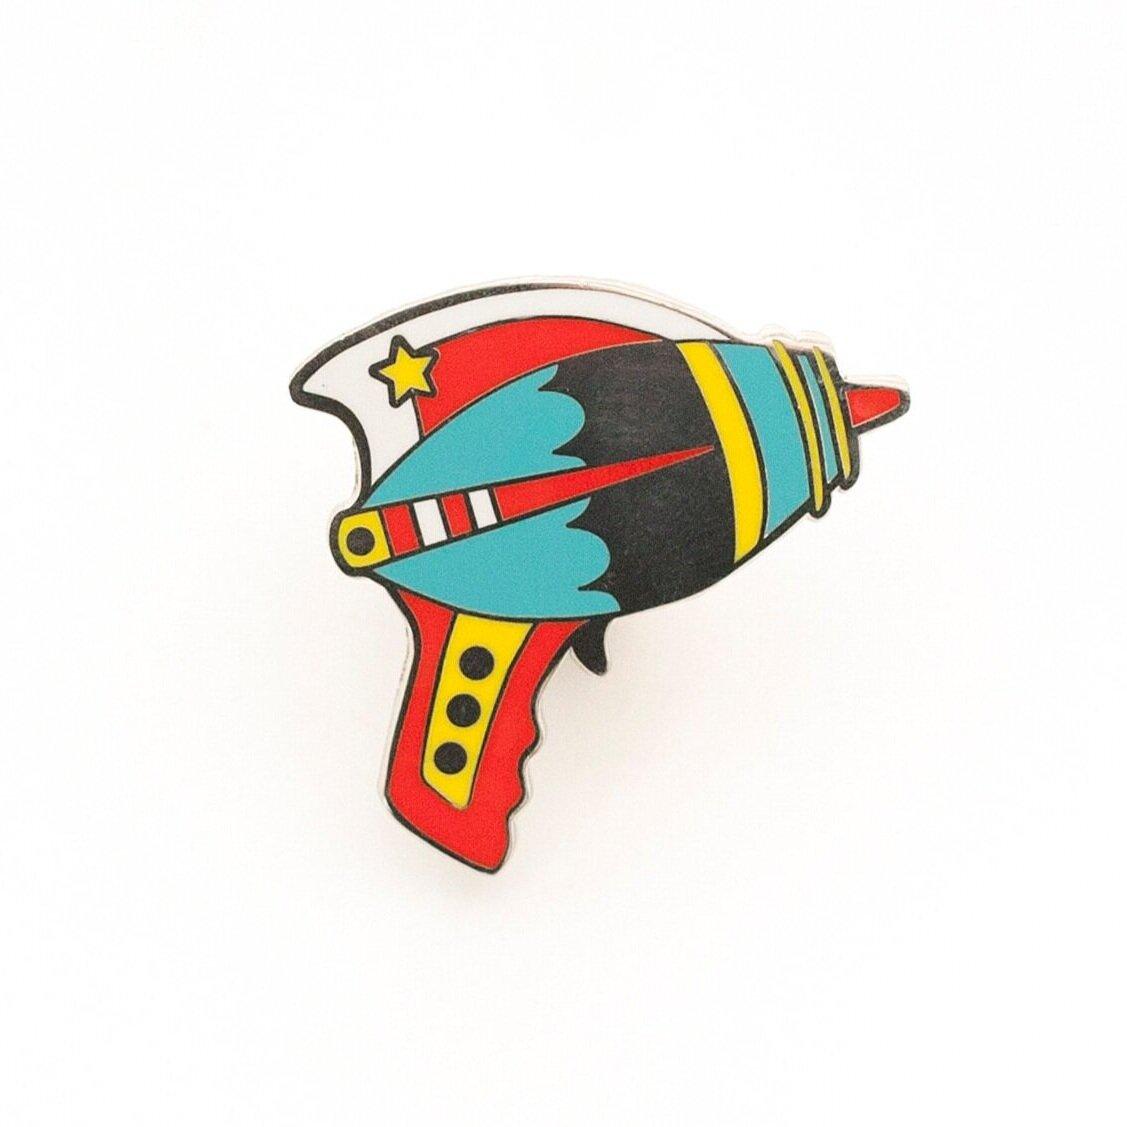 P9 - Bright Ray Gun Pin